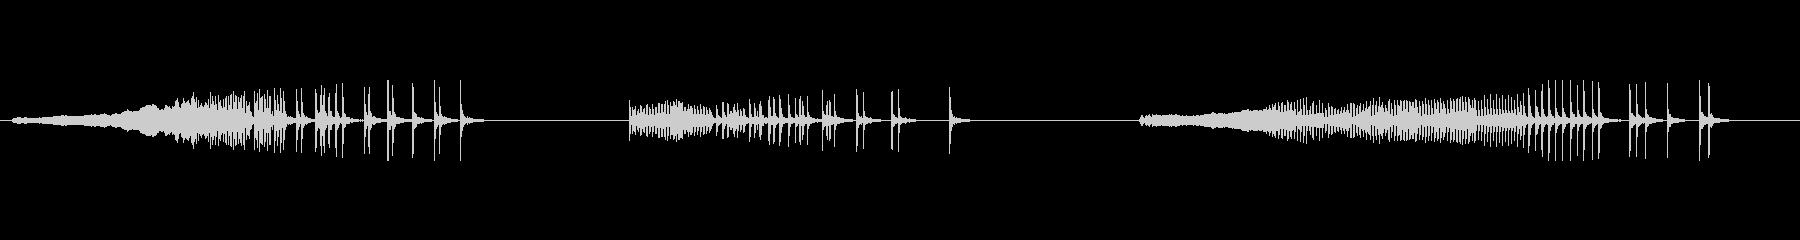 うめき声の未再生の波形